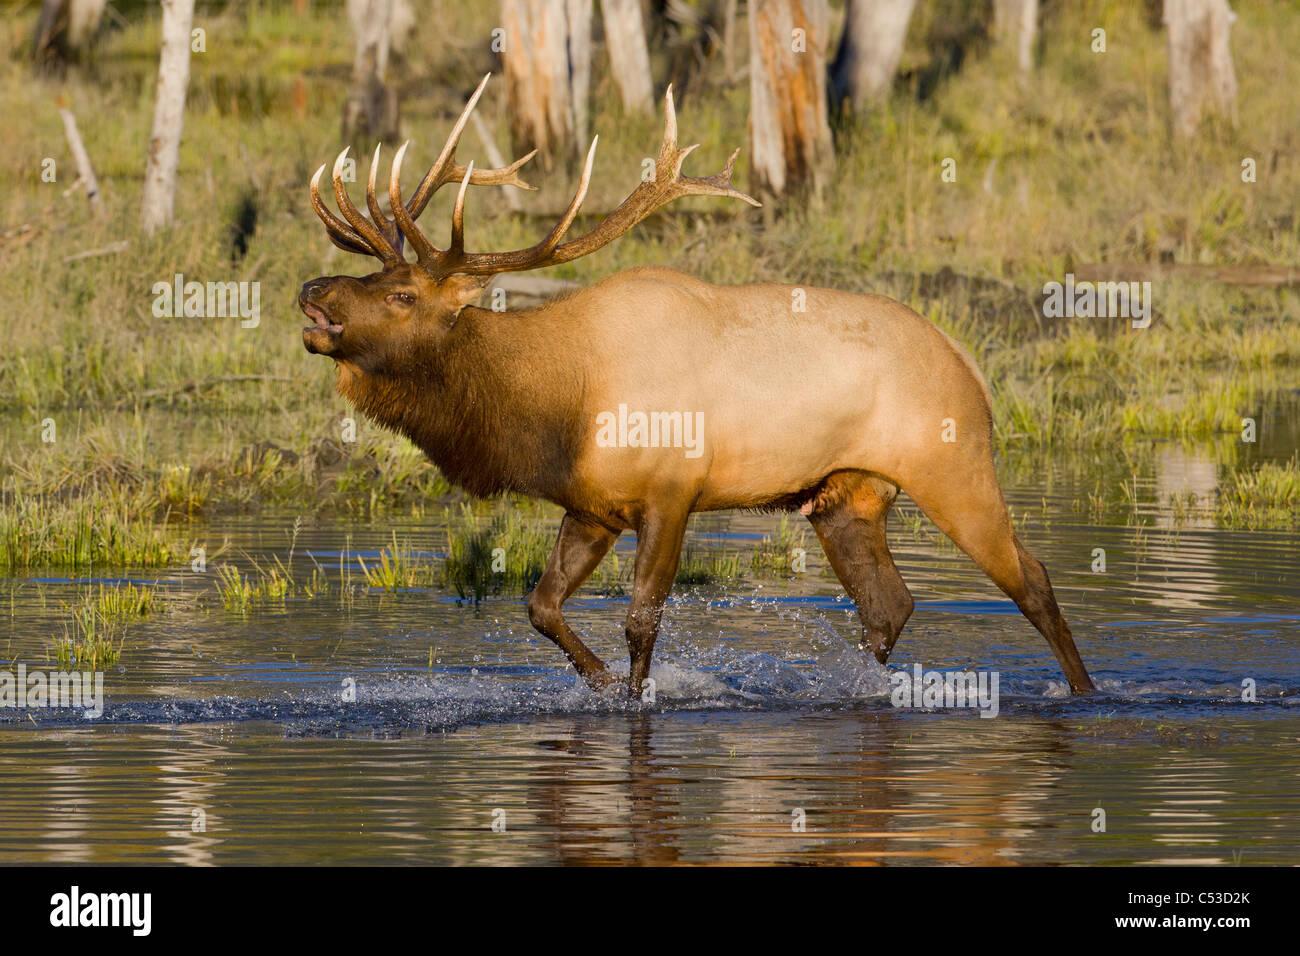 Un adulte le wapiti de Roosevelt promenades à travers un étang tout en brames, près de Portage, Alaska, Autumnm. Prisonnier Banque D'Images